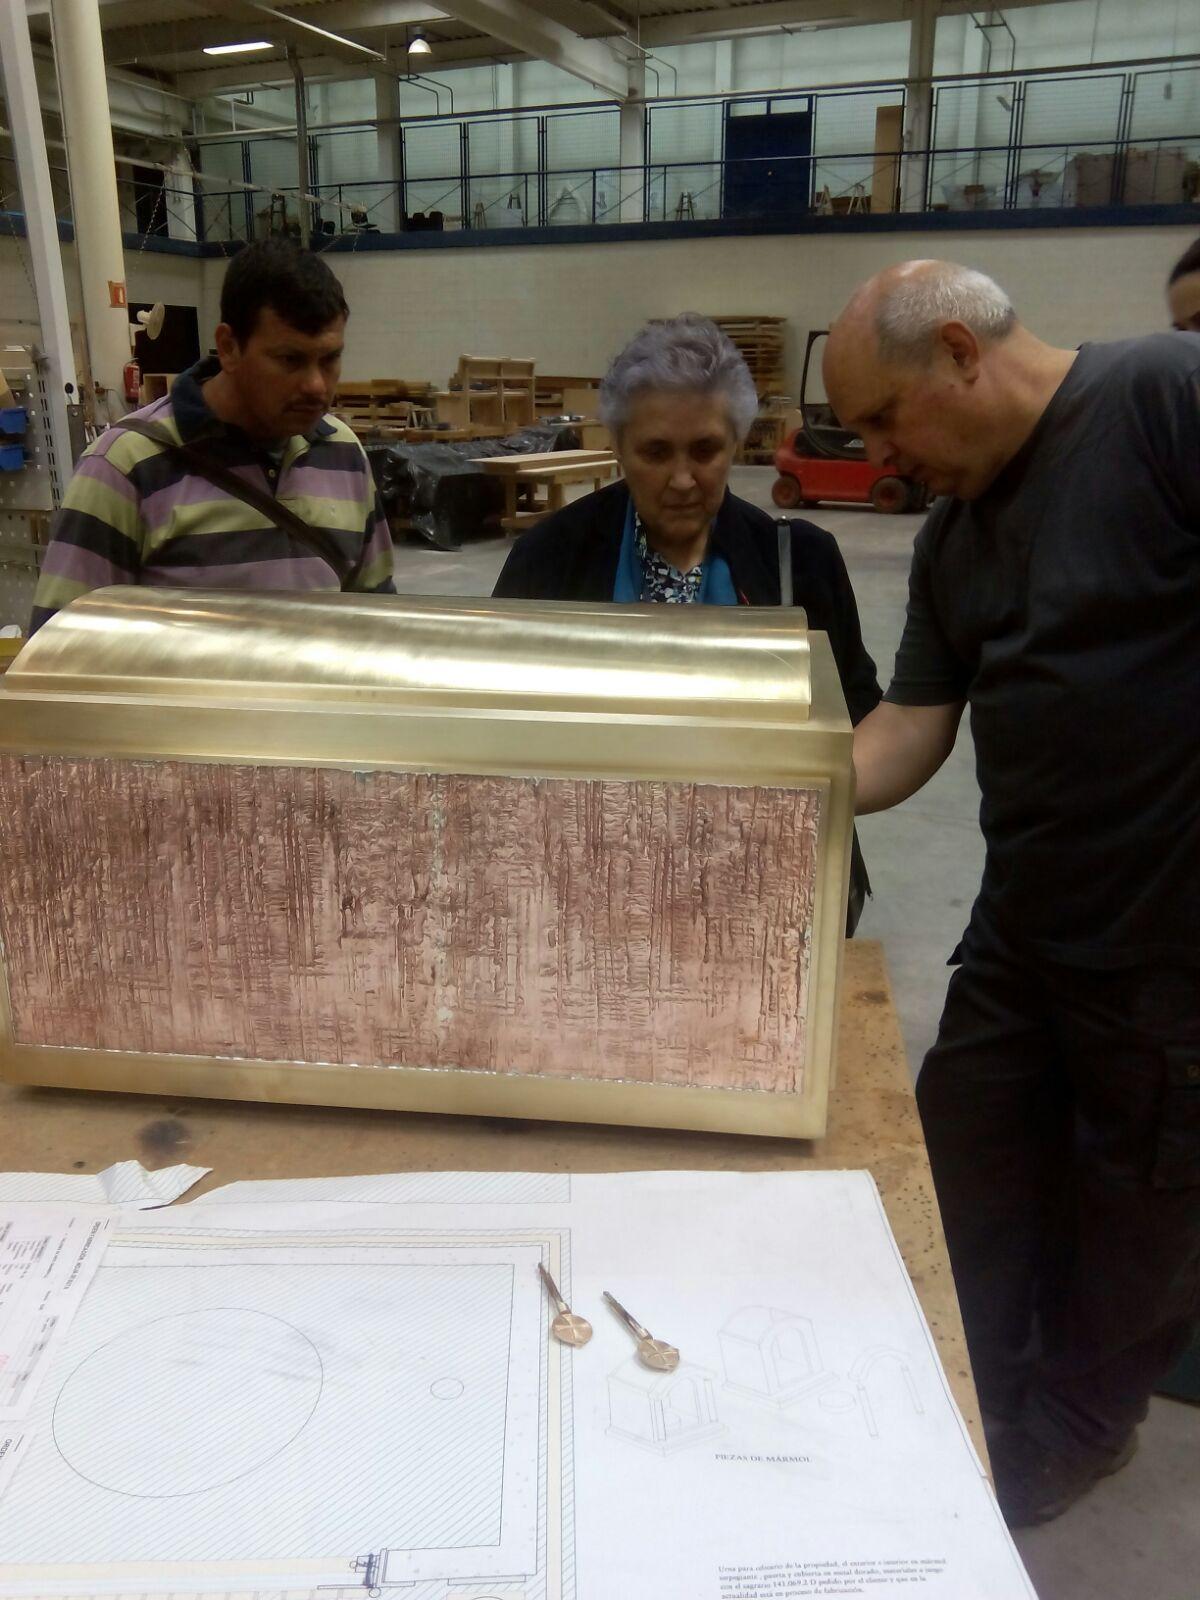 Trabajos en la elaboración de la urna donde descansarán los restos mortales de la Sierva de Dios en el Oratorio - Cripta de la Obra Social Ascensión Sánchez en Coslada